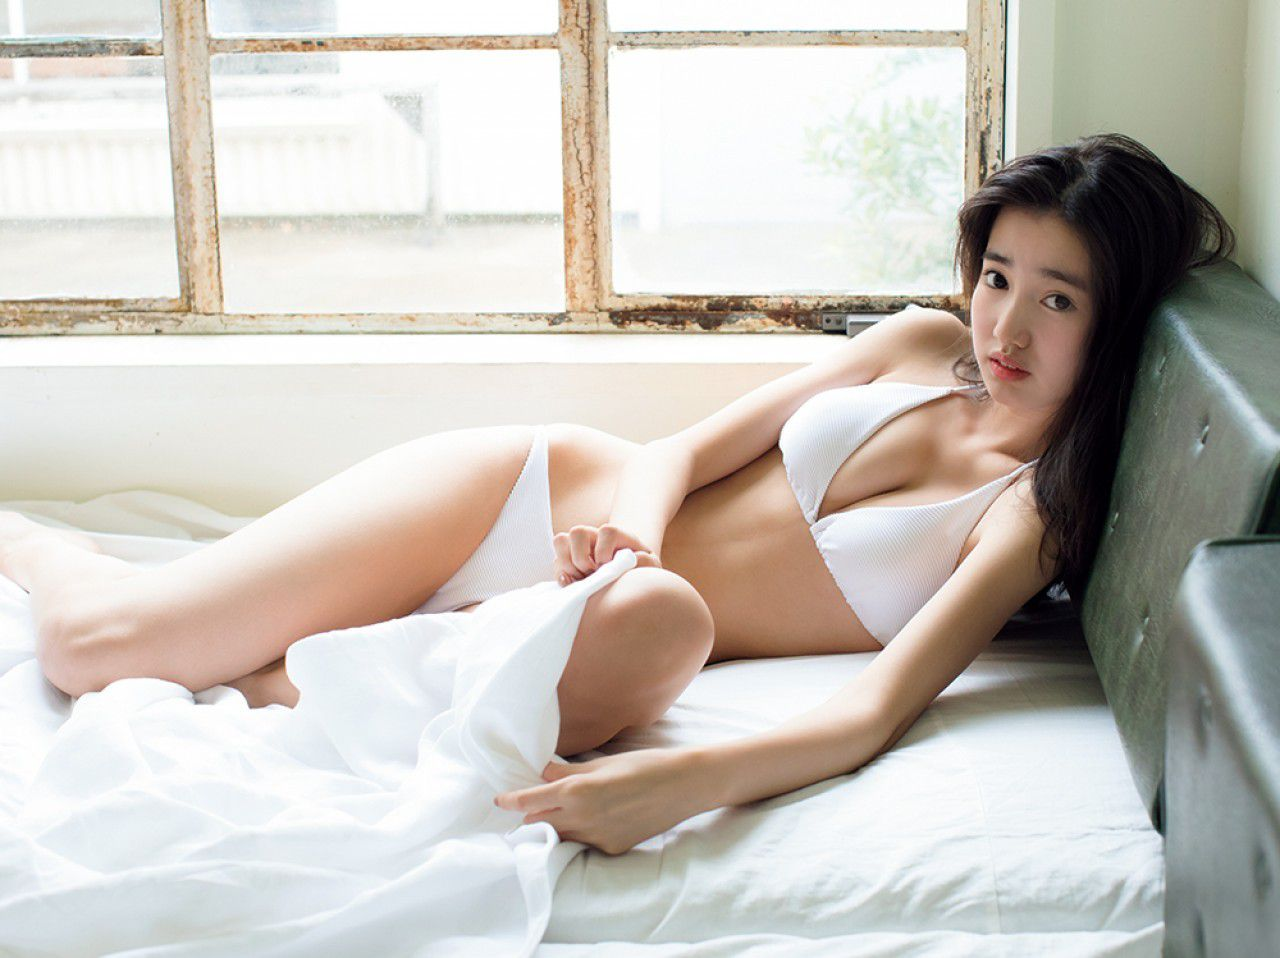 VOL.771 [FRIDAY]极品正妹日本嫩模:黑木丽奈(黒木麗奈)超高清写真套图(15P)